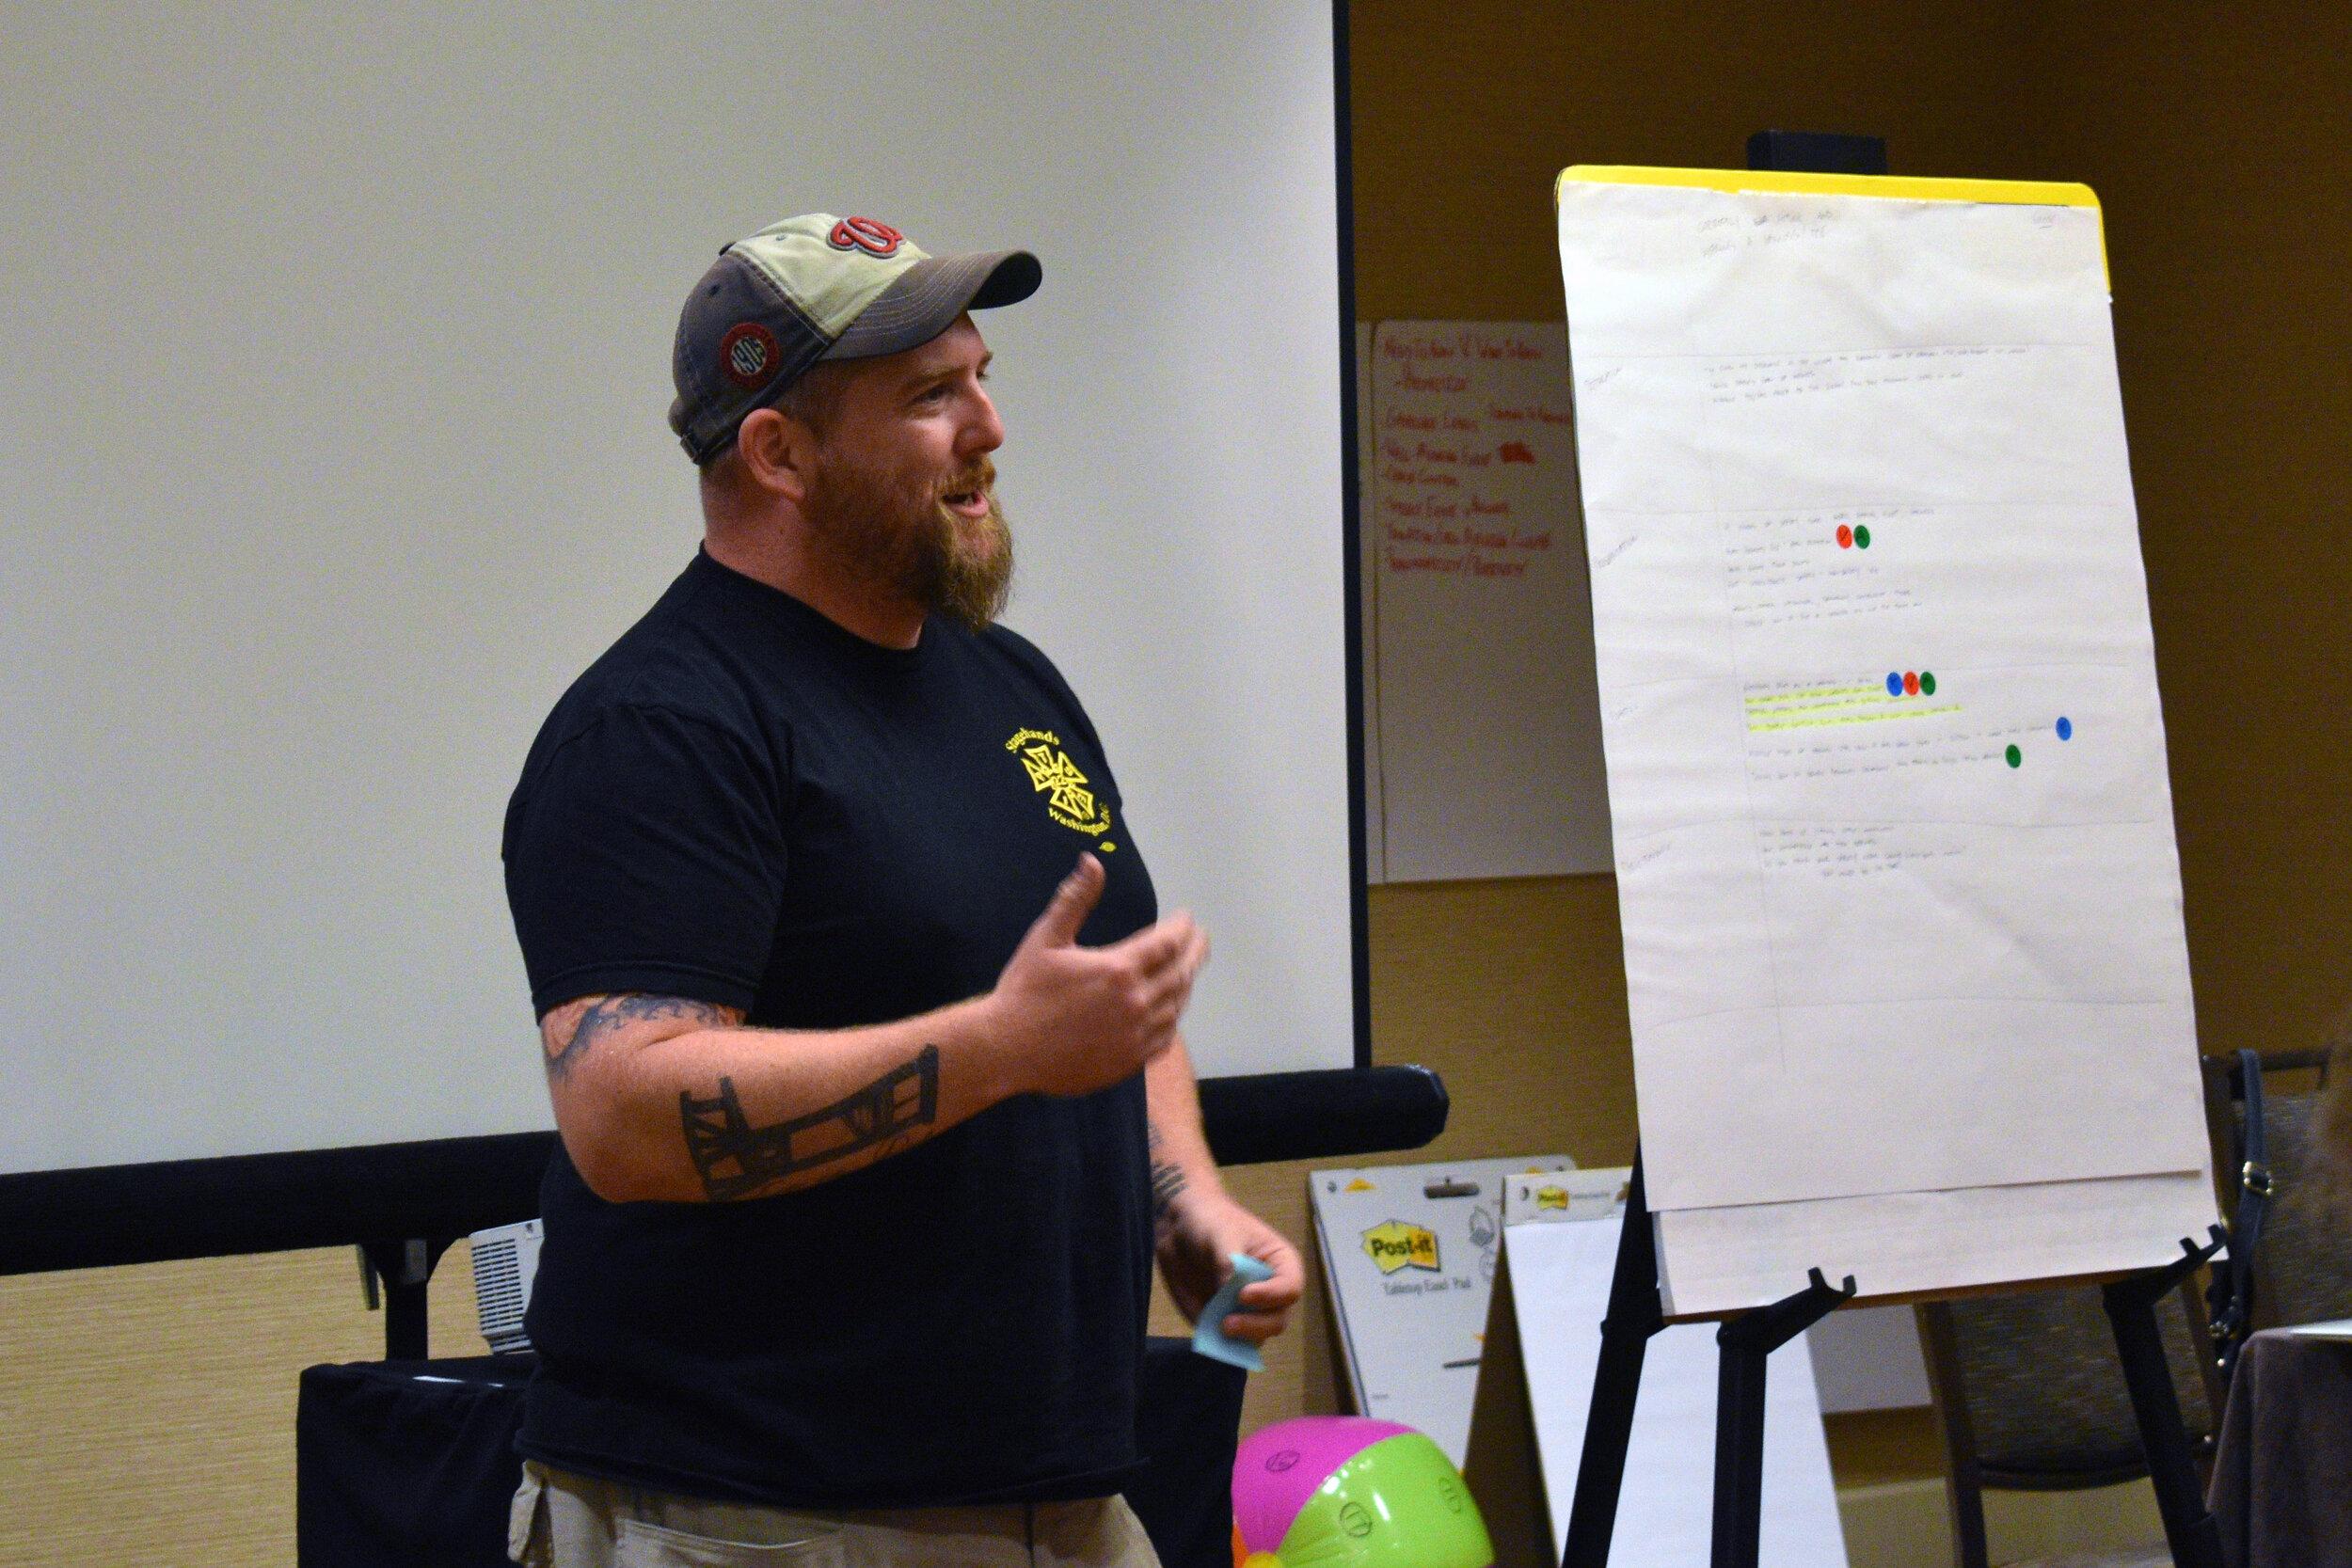 IATSE TTF Train the Trainer: Course Development in Denver, CO | September 20-22, 2019